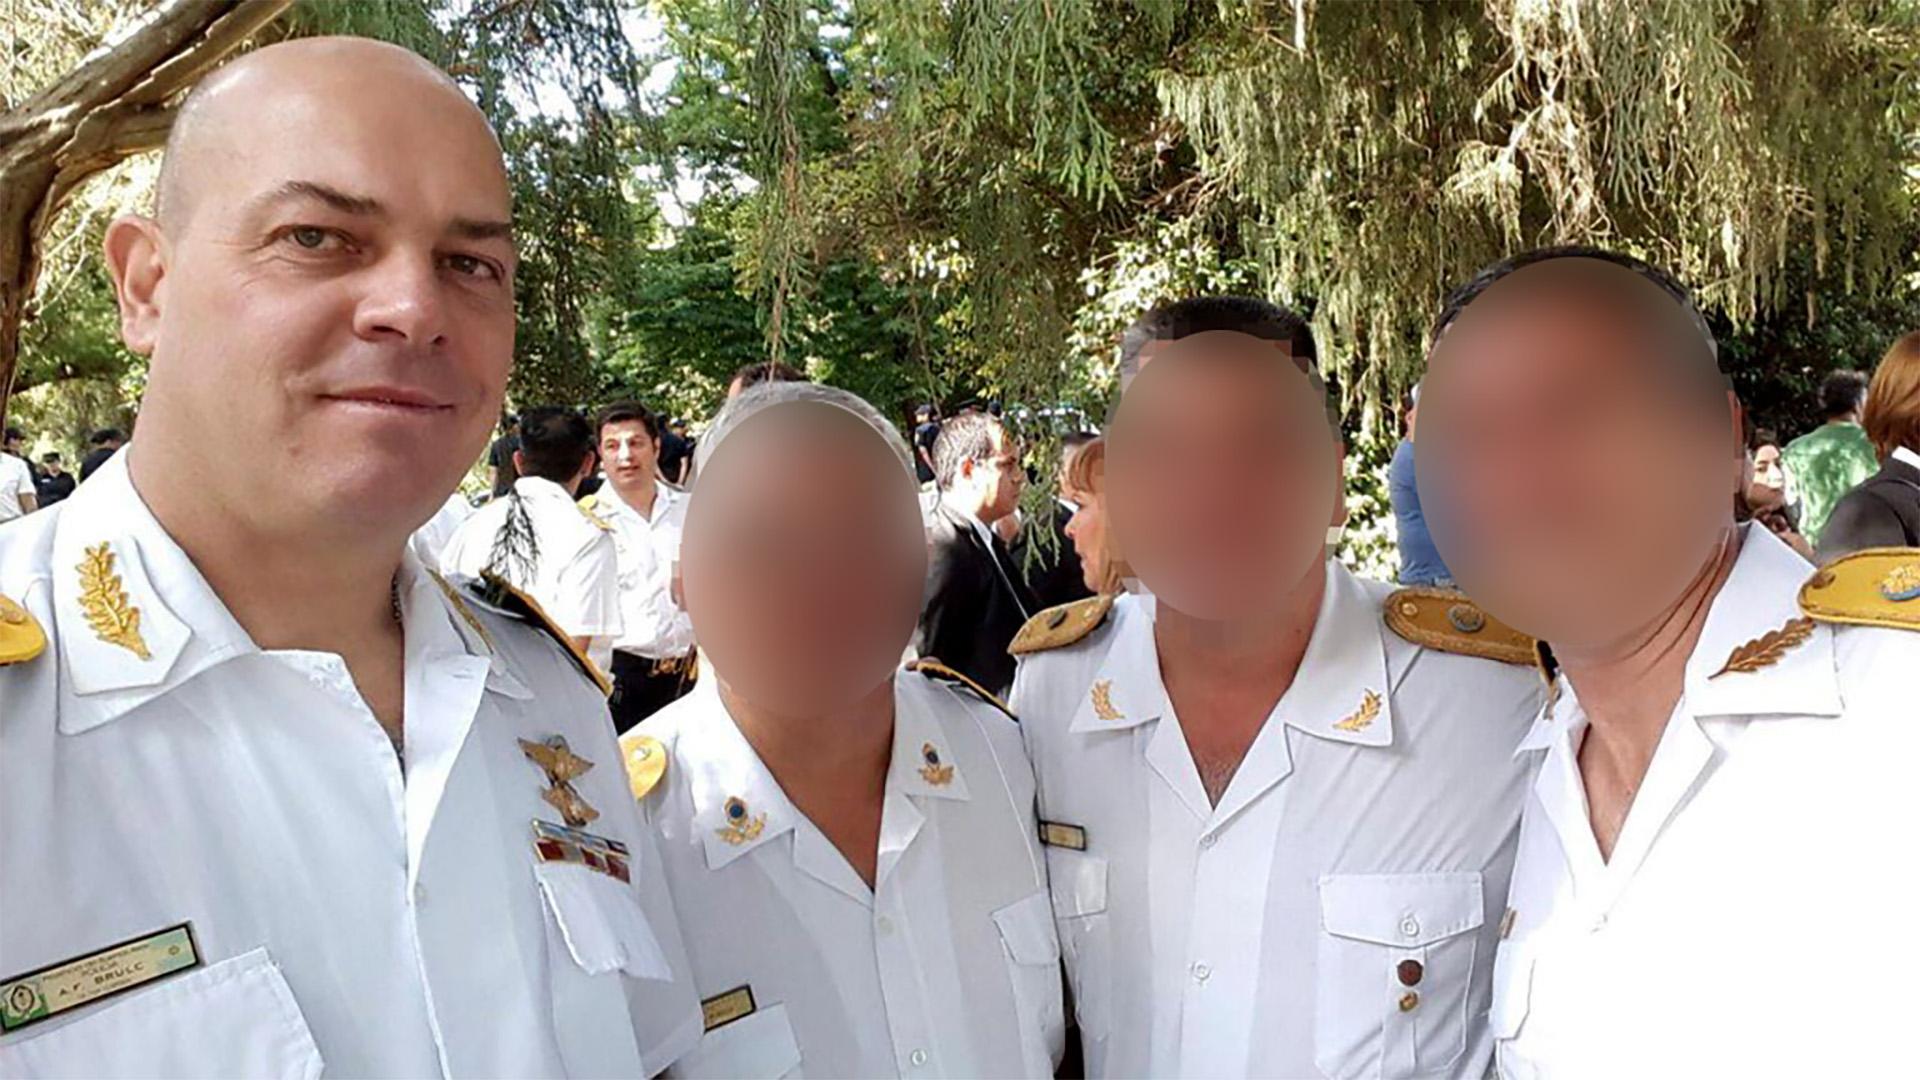 El comisario Brulc (izquierda) se negó a declarar tras su detención